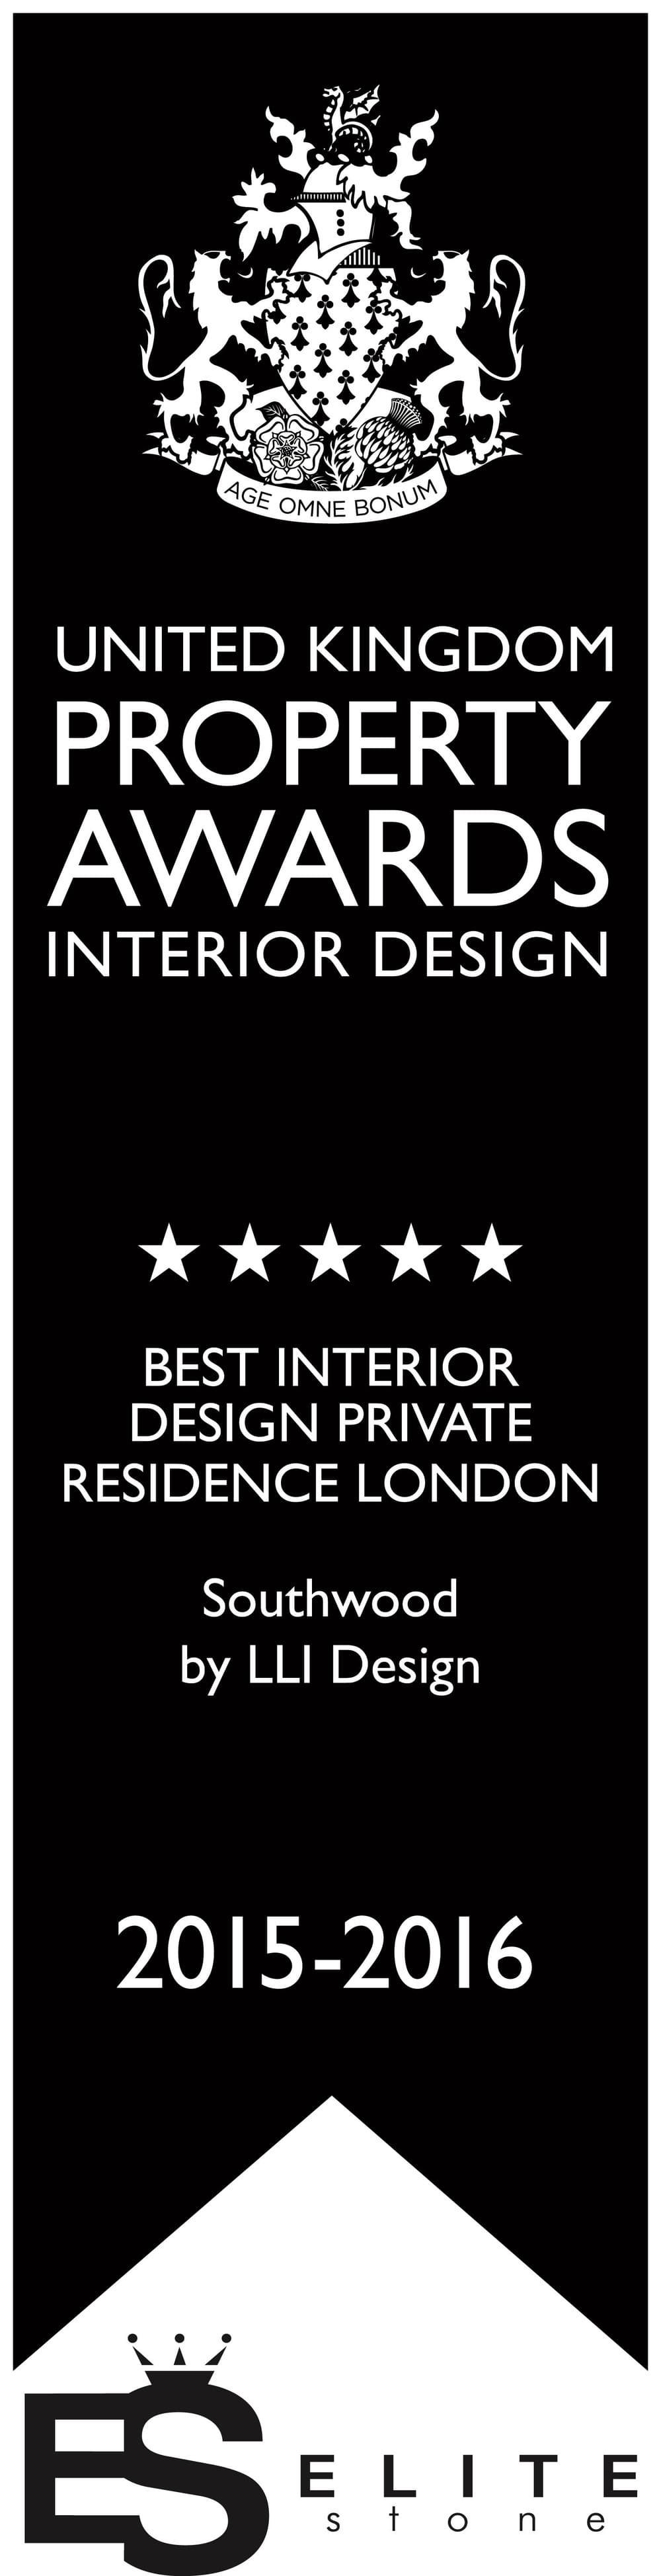 Southwood Residence by LLI Design's property awards. Photo credit: United Kingdom Property Awards